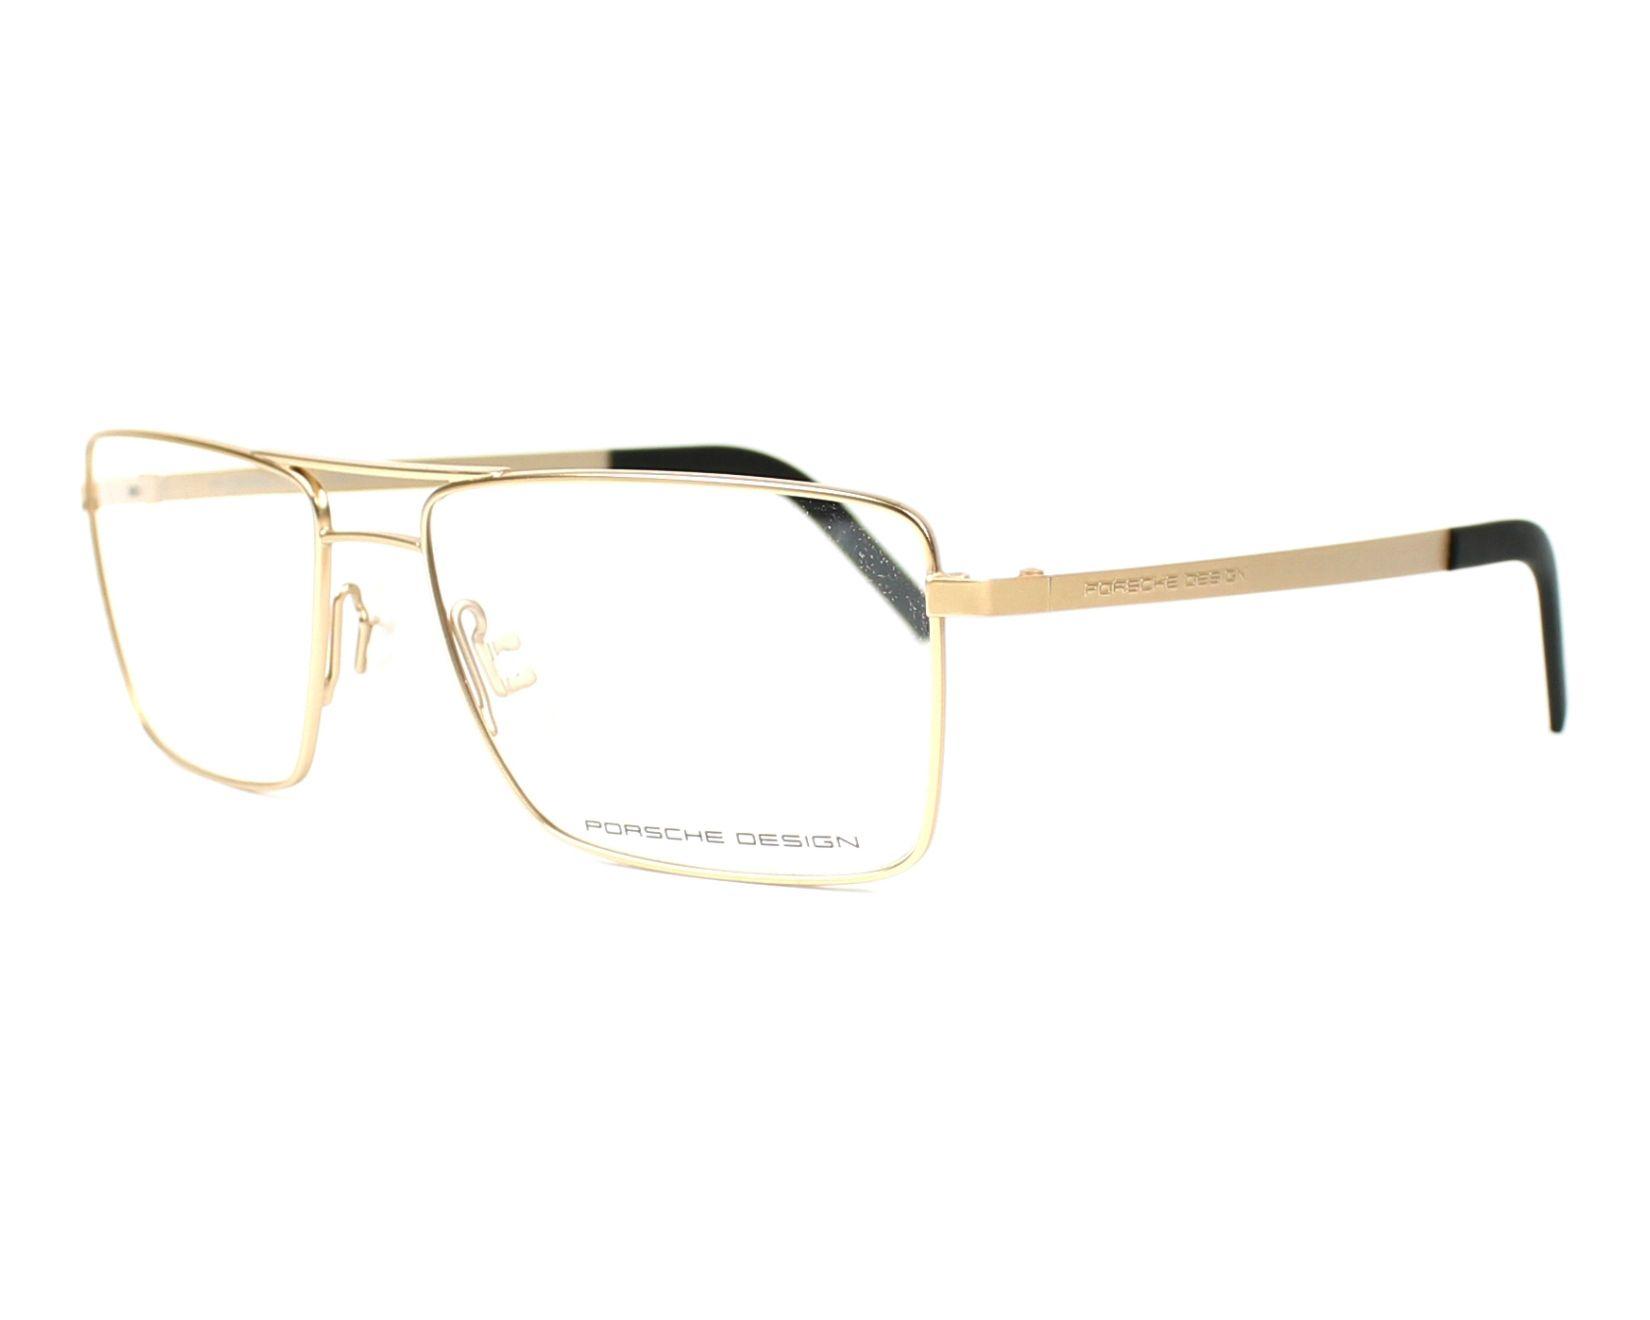 6aa44bc7da2 Porsche Design - Buy Porsche Design eyeglasses online at low prices